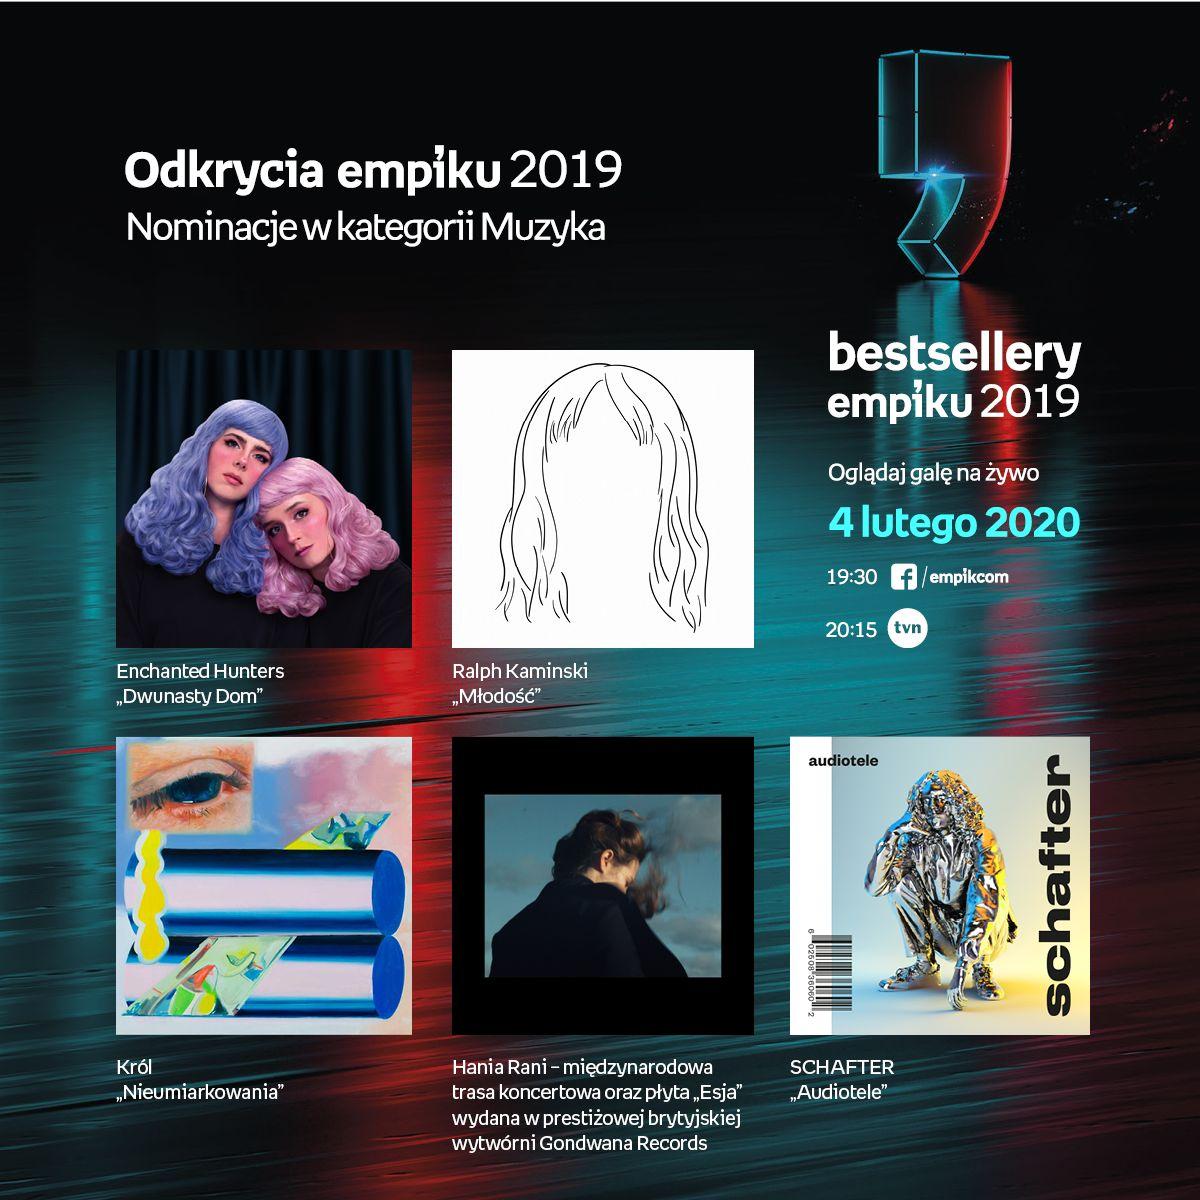 Odkrycia-Empiku-MUZYKA-nominacje-TOP5_styczen_202067.png